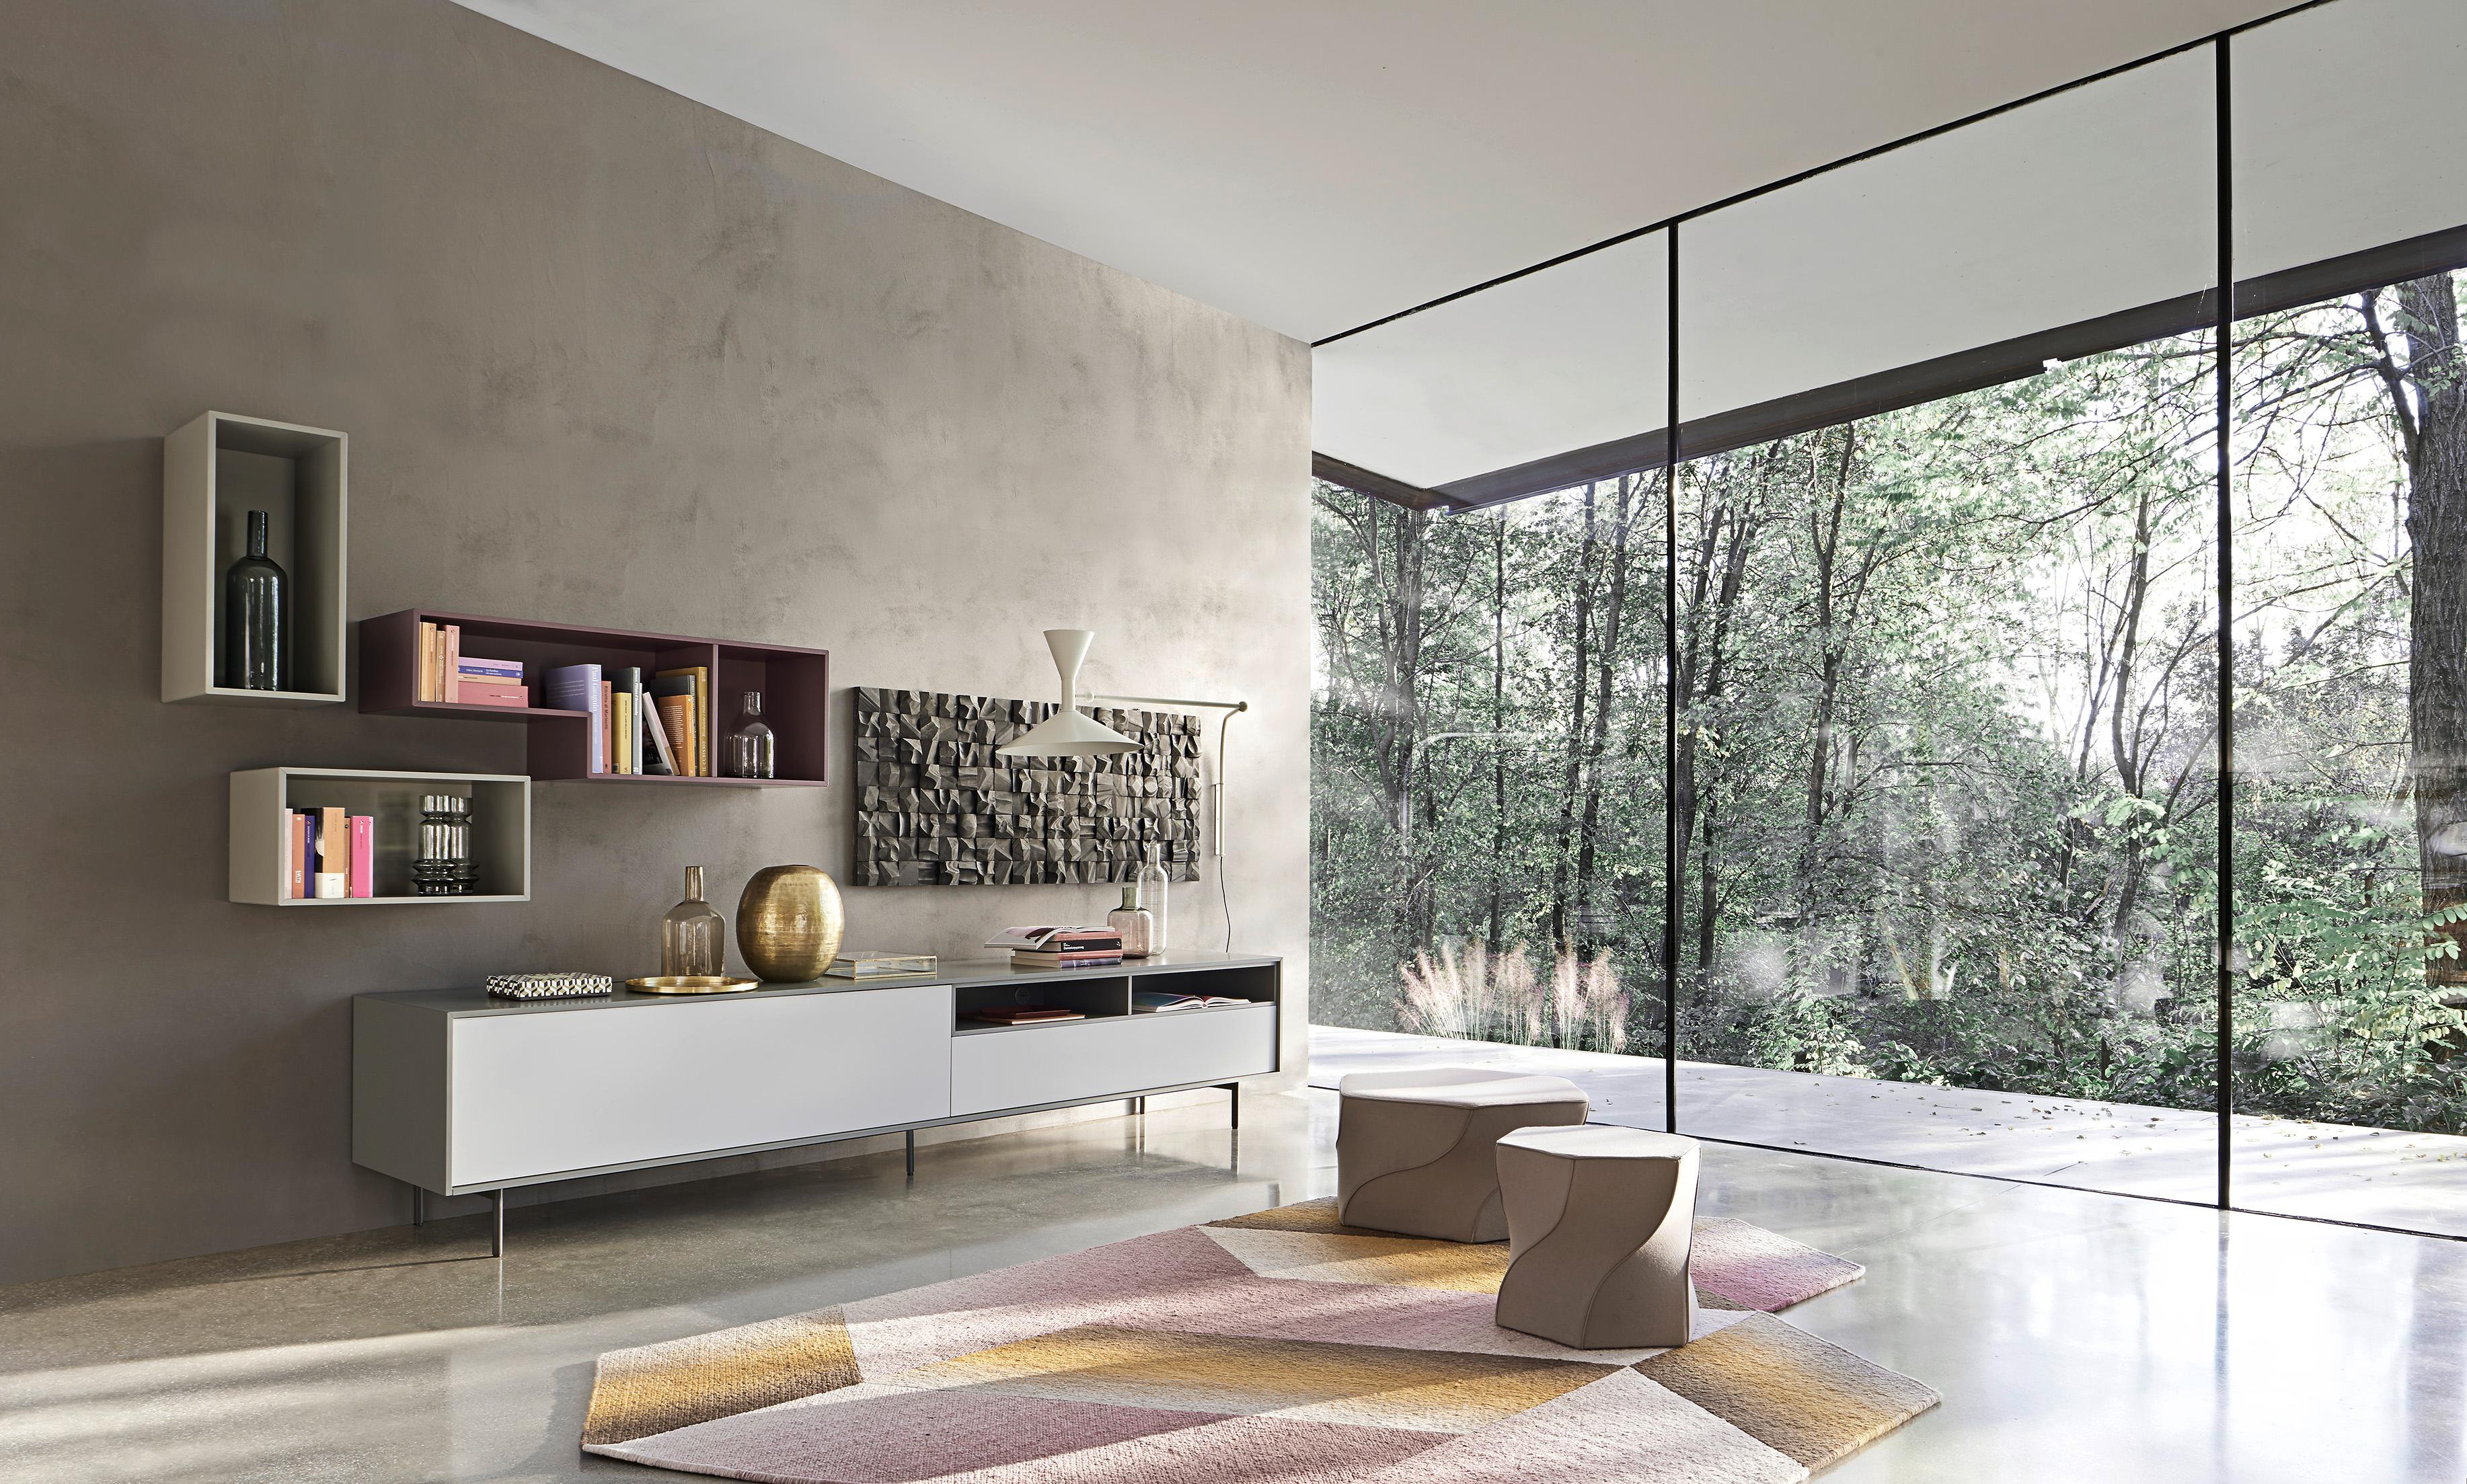 Cheap Viel Licht Und Ein Blick In Die Natur Wohnzimmer Interior Wohnwand  With Fernsehwand Mit Indirekter Beleuchtung